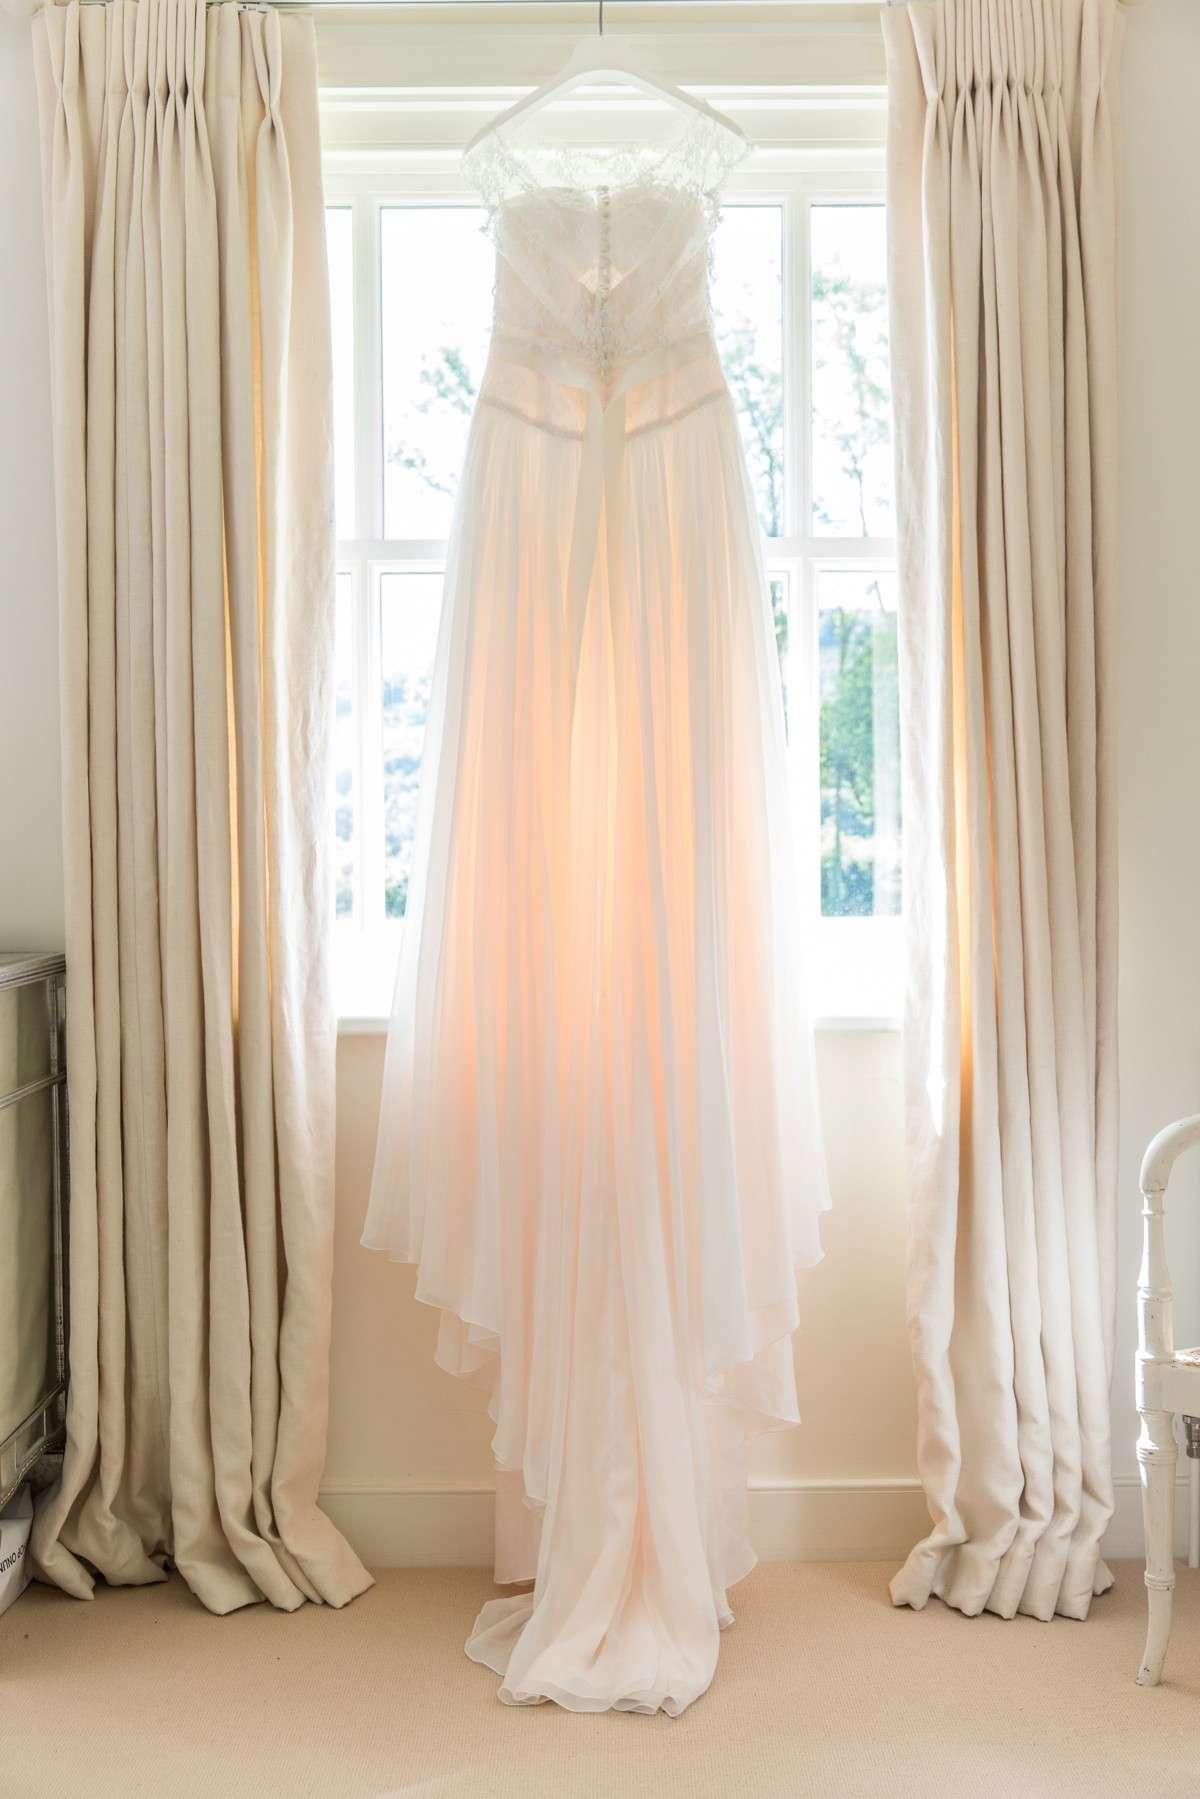 Naomi Neoh wedding dress hanging in window